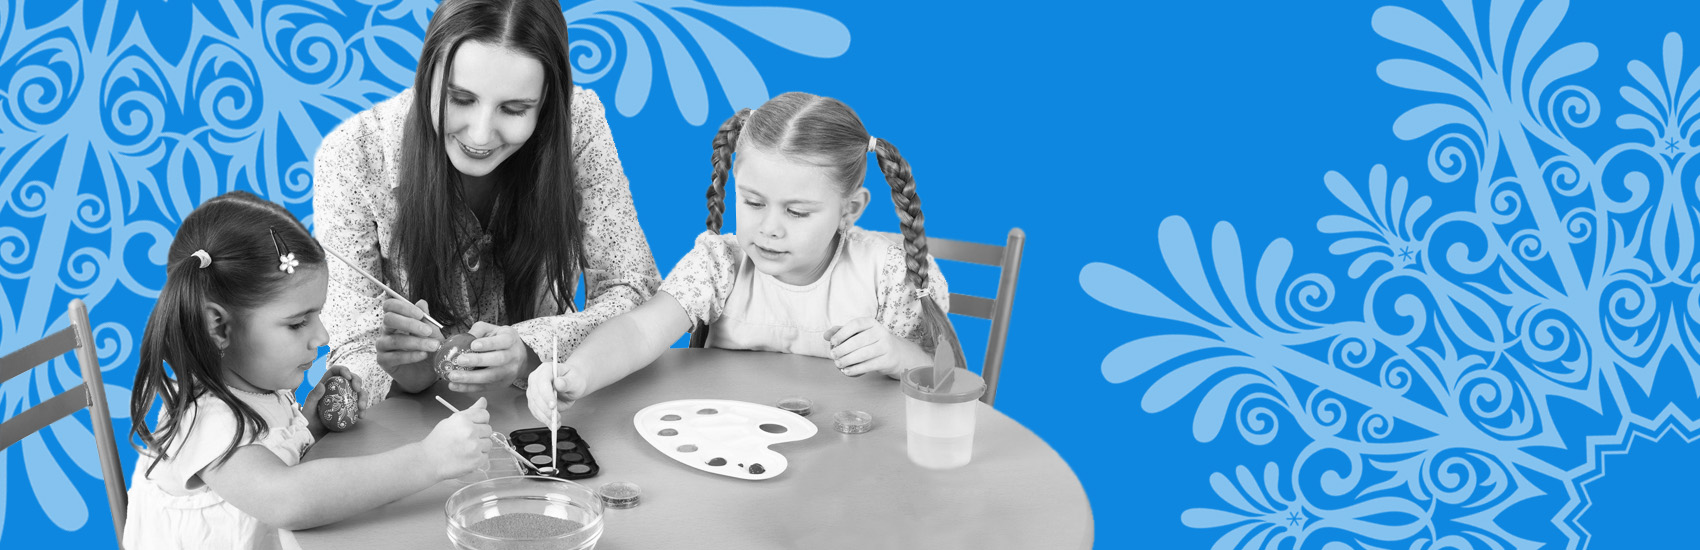 Организация интерактивных точек для детей в новогодние праздники